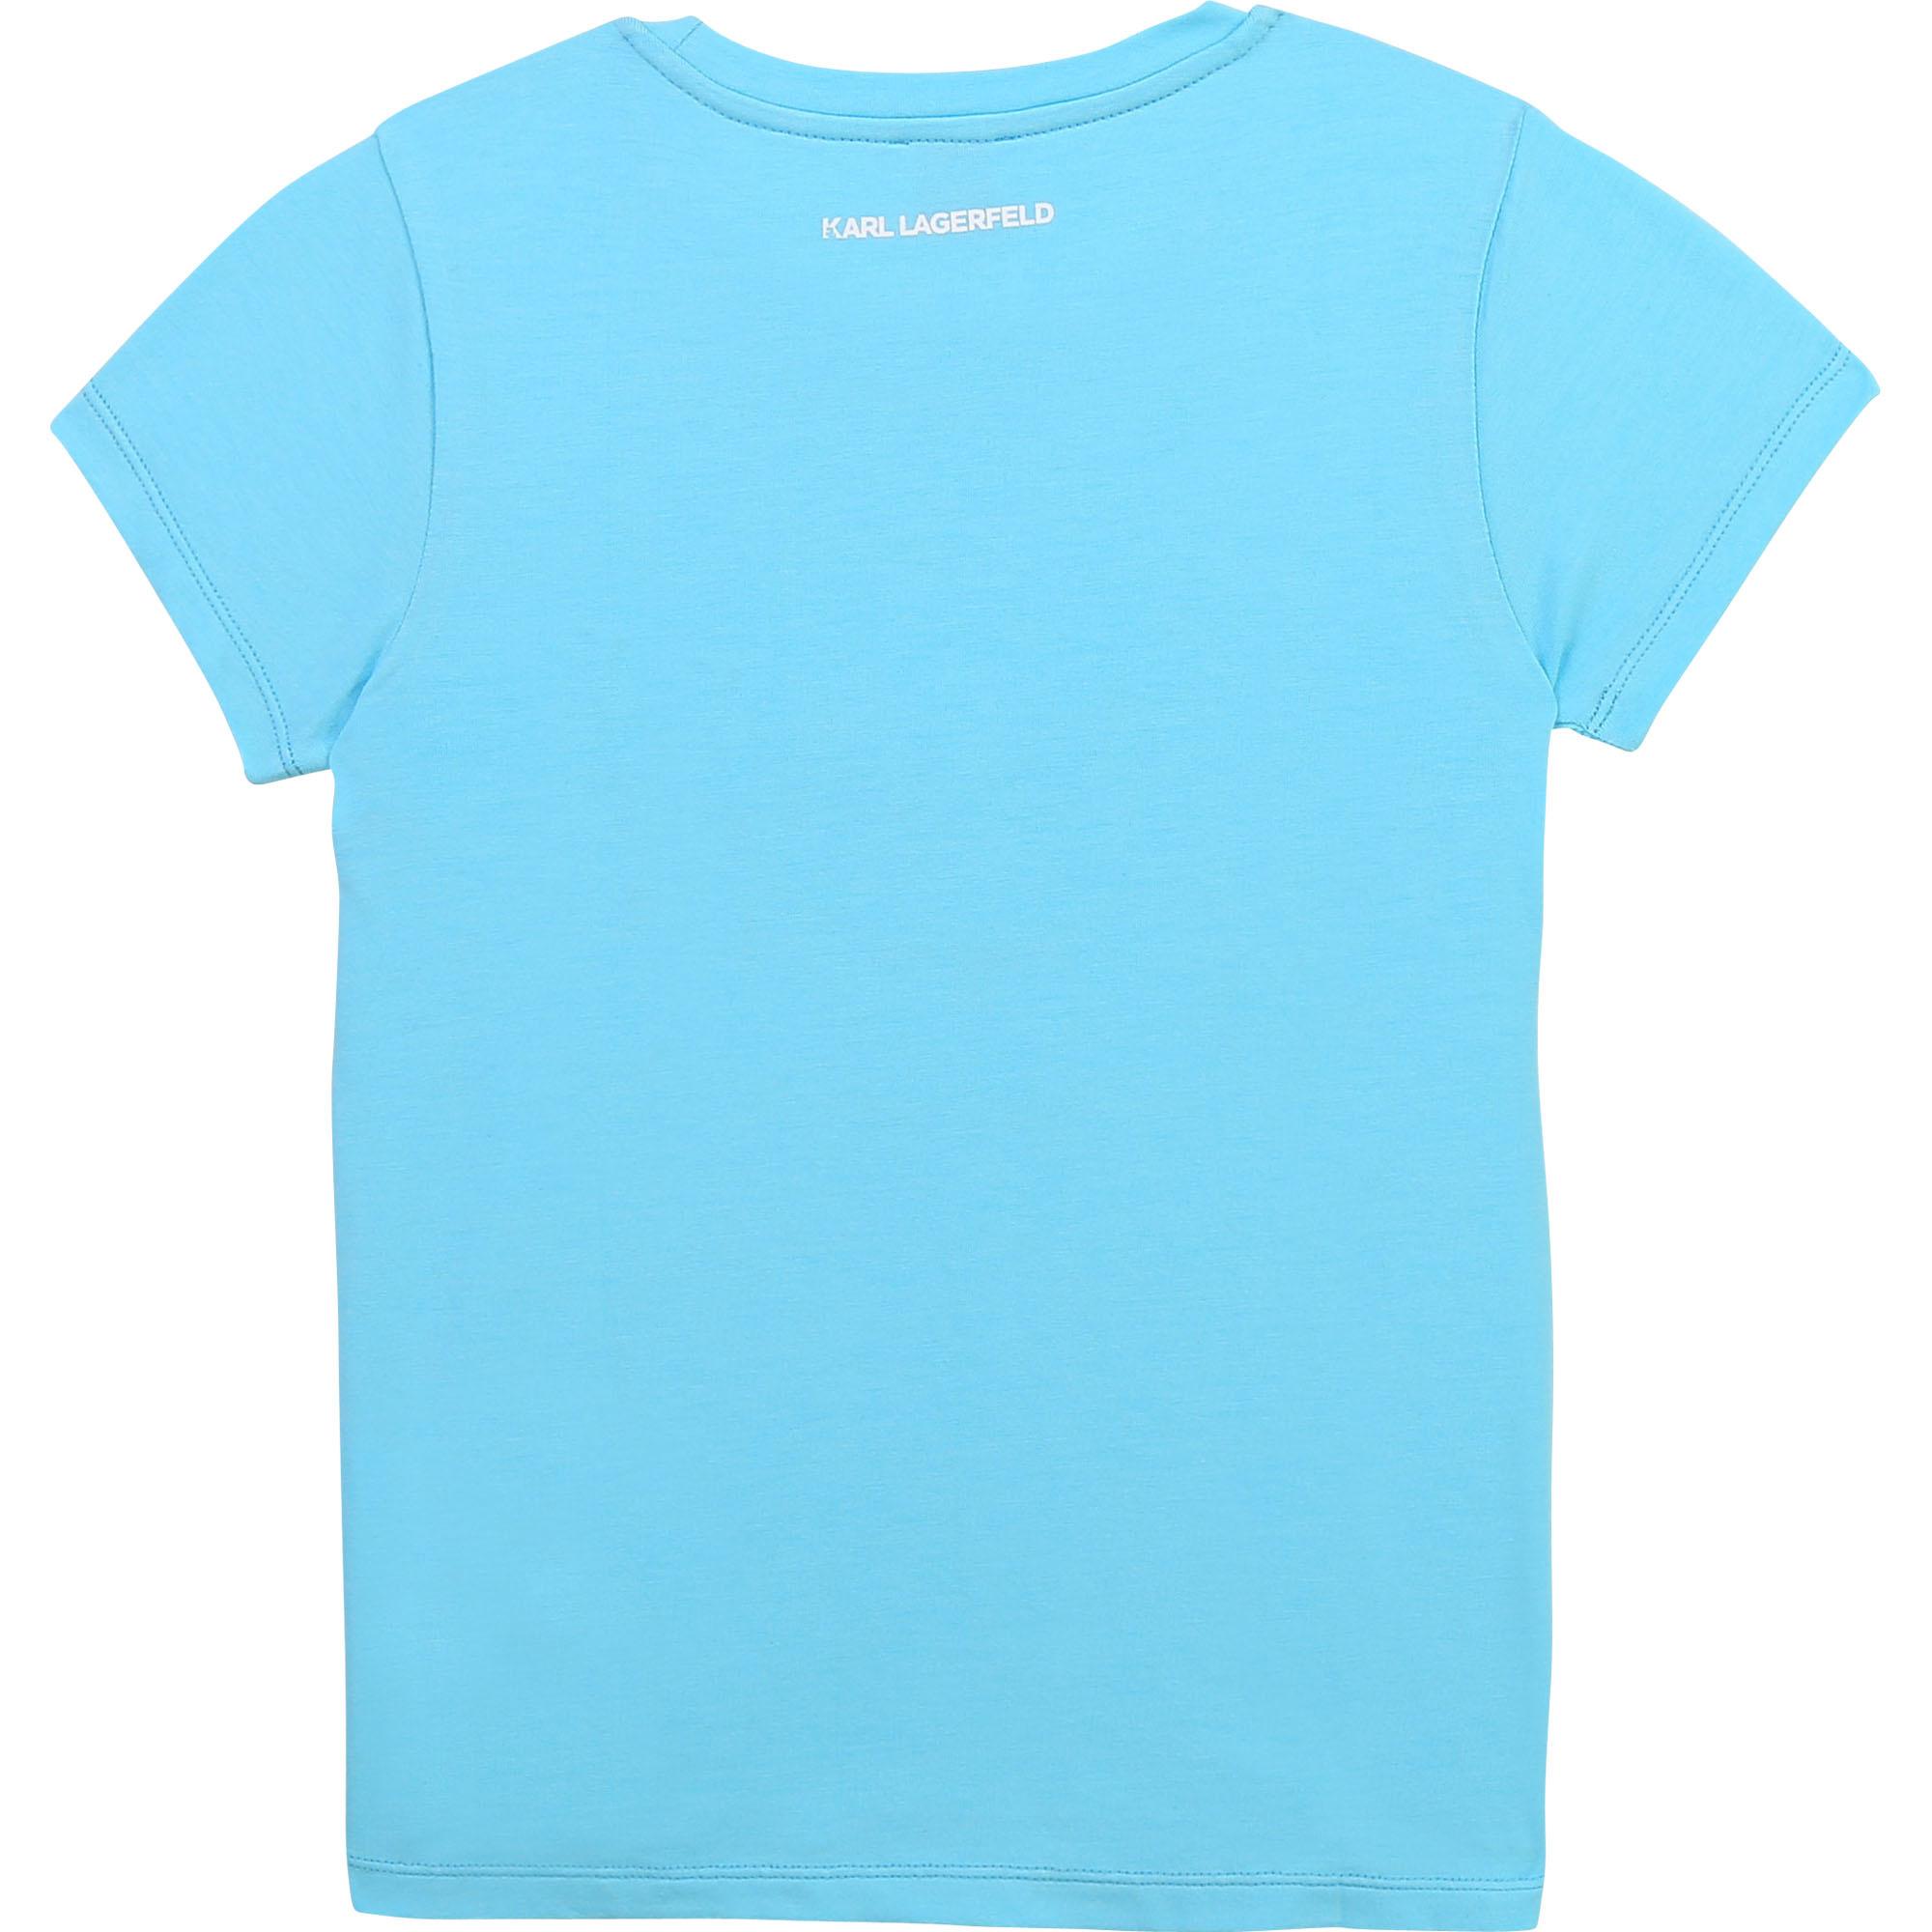 KARL LAGERFELD KIDS t-shirt fantaisie-2